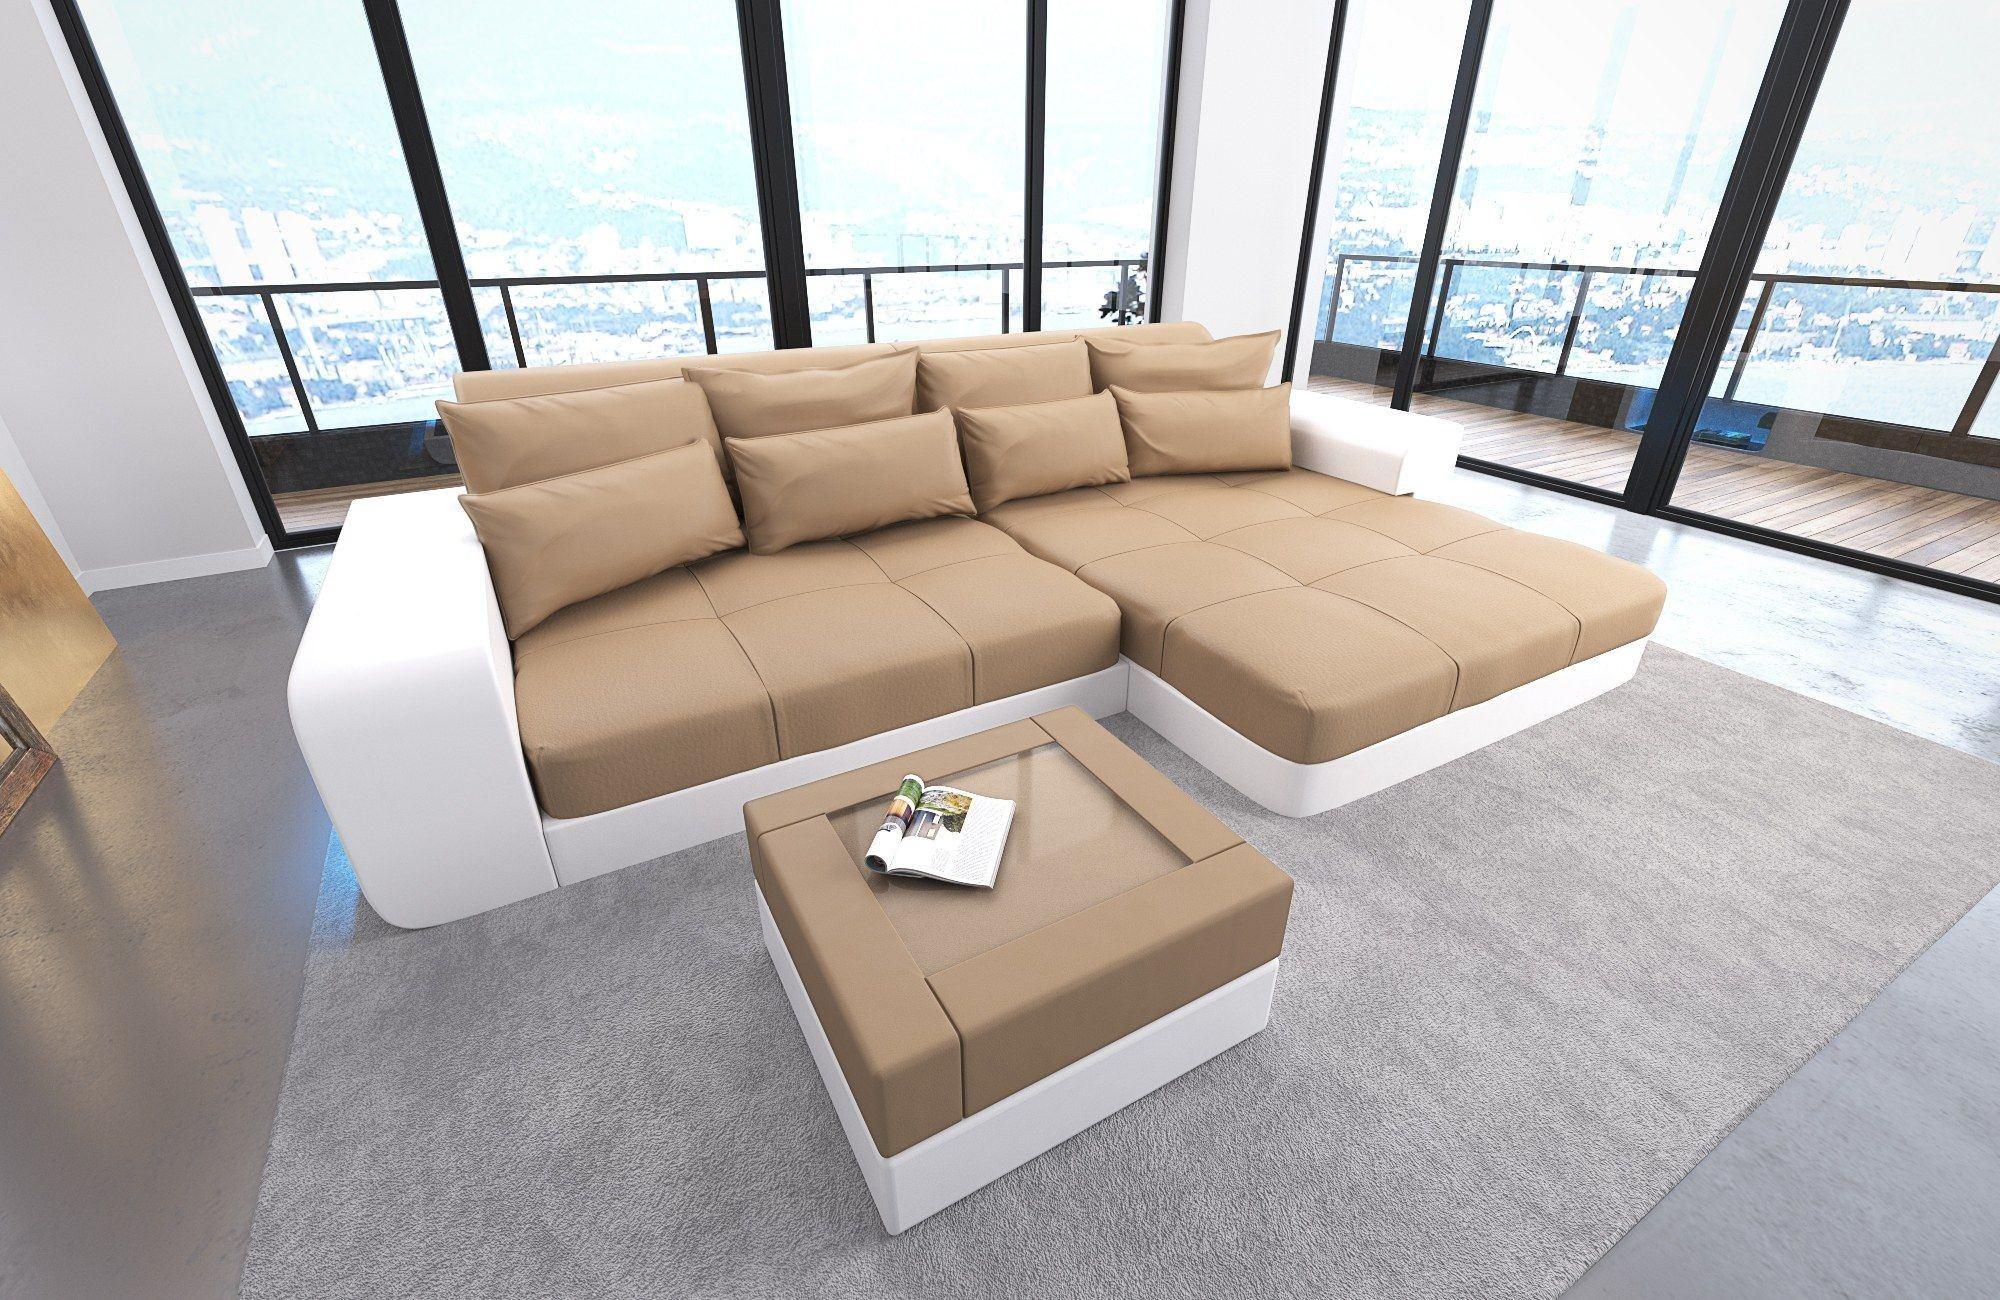 Luxus Bigsofa MILANO mit LED in sandbeige-weiss